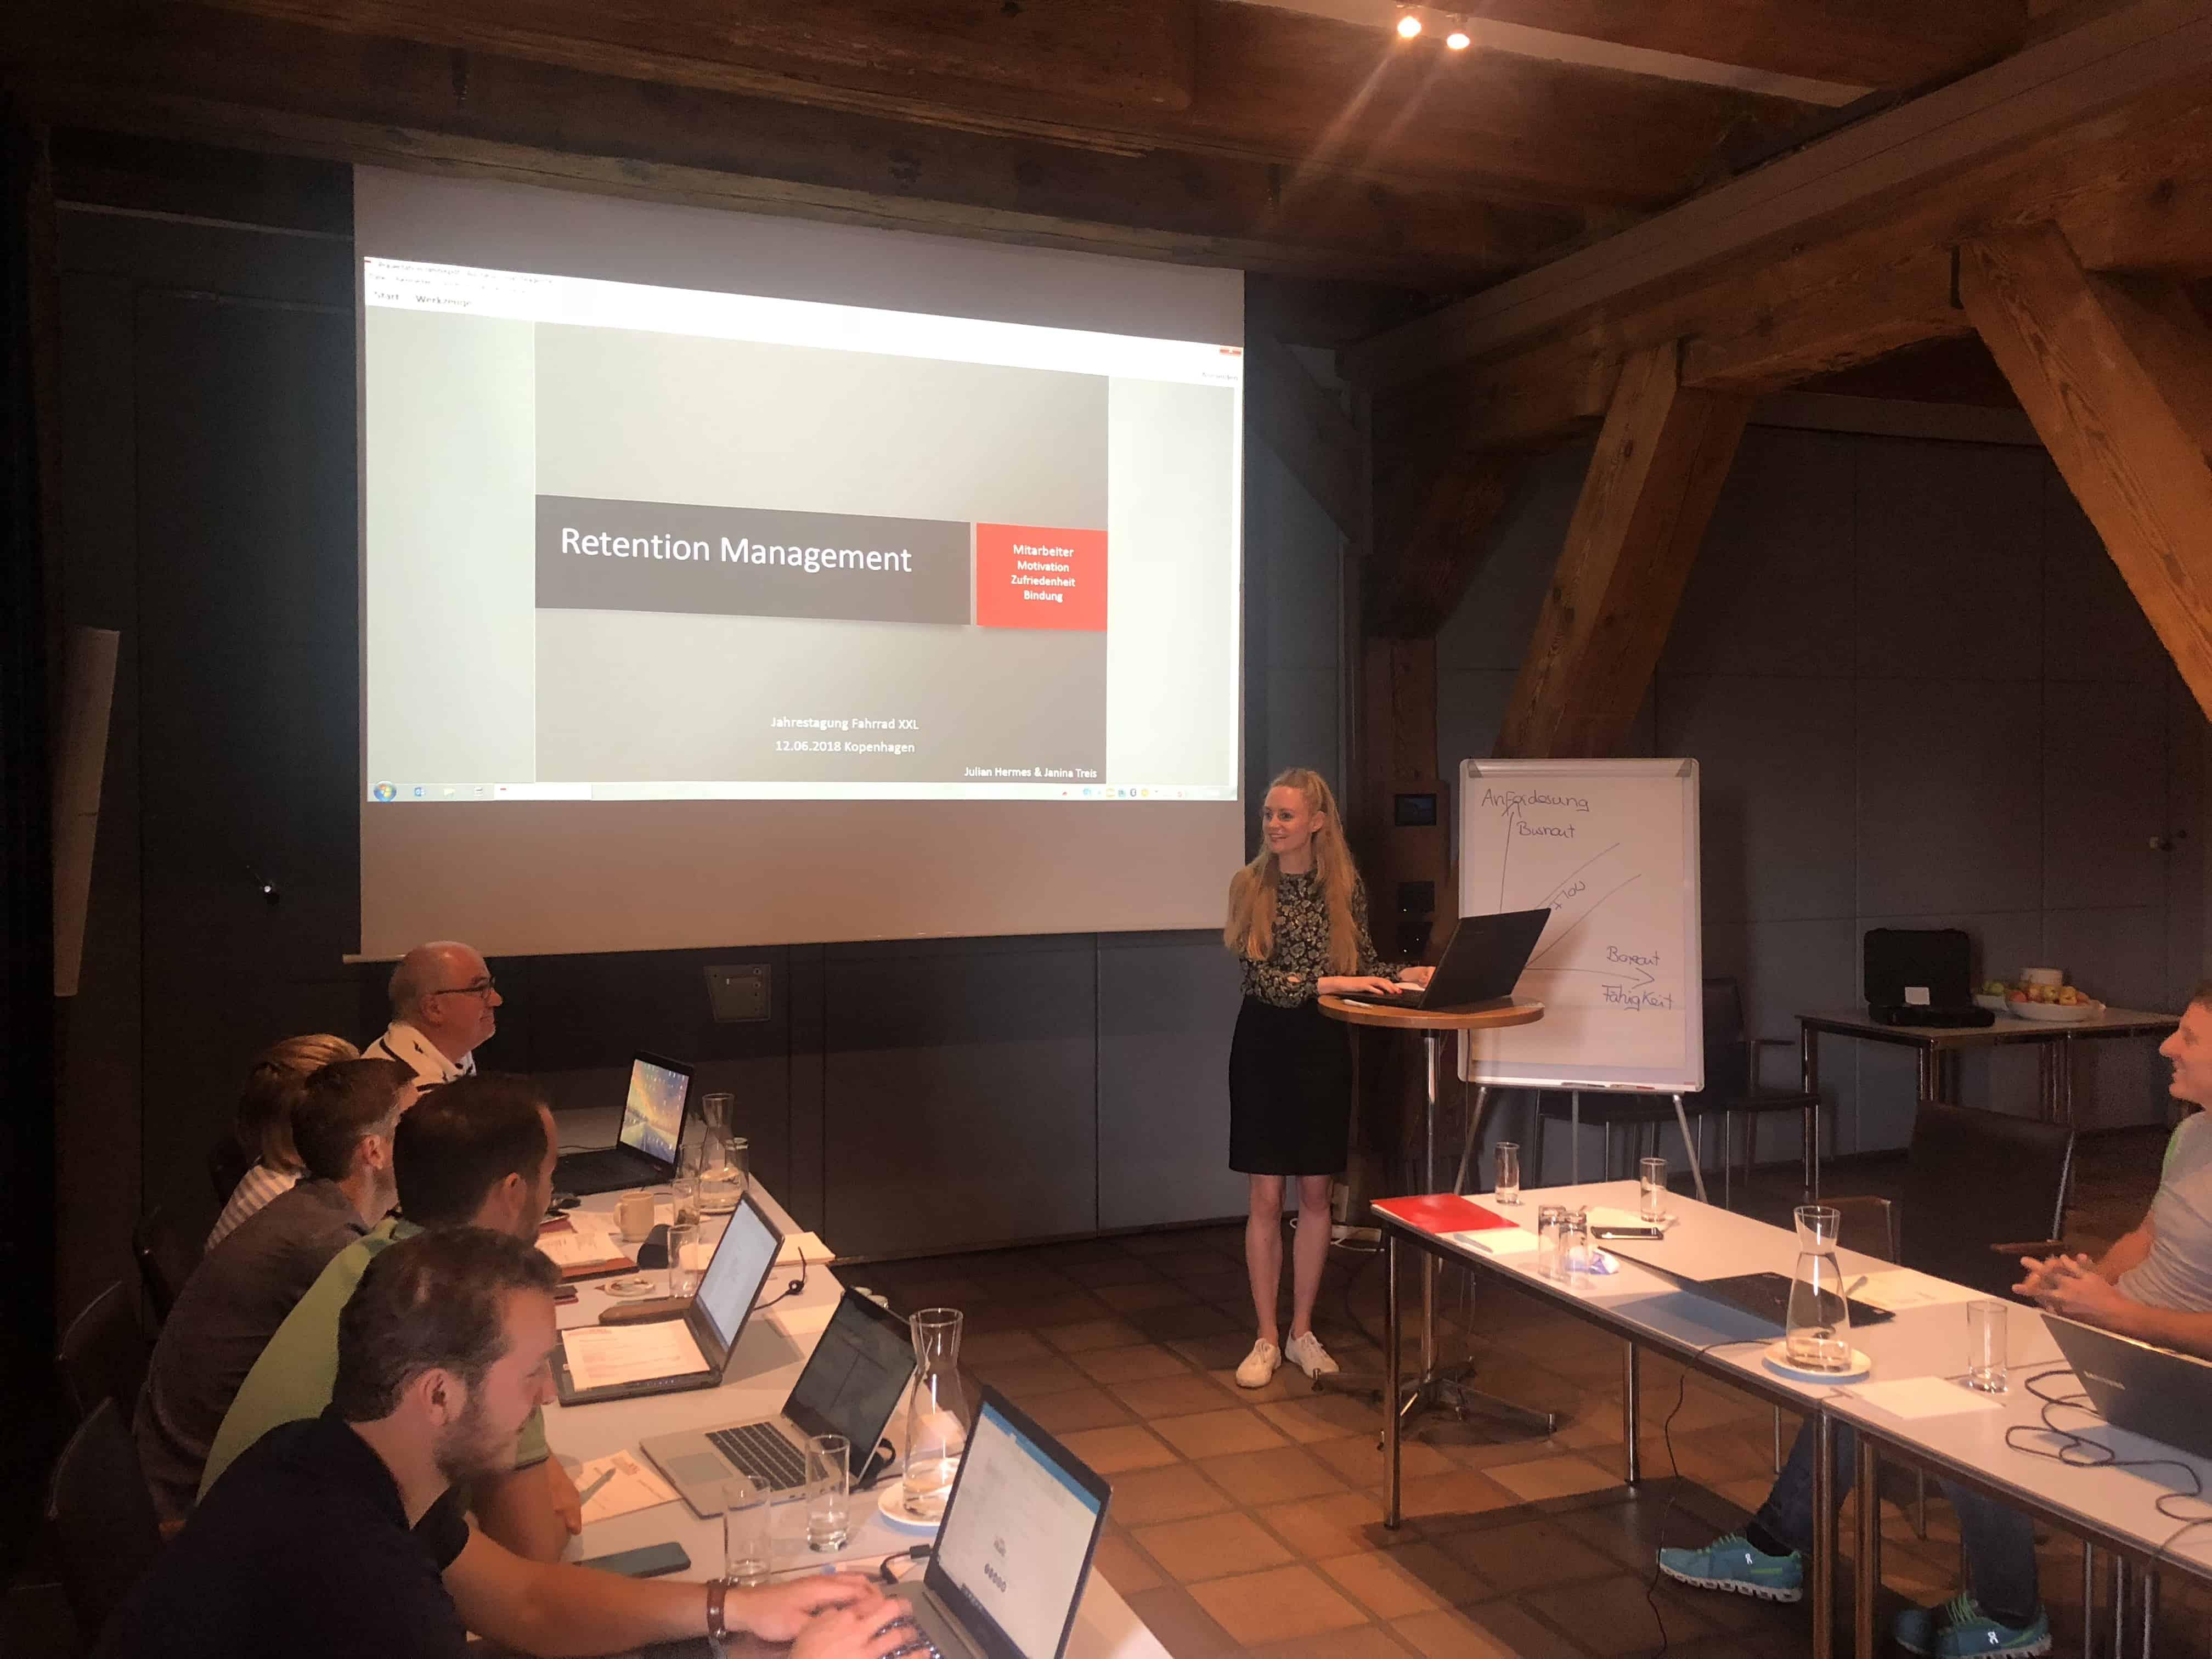 Vortrag zum Thema ´Retention Management´ für die Fahrrad XXL Gruppe in Kopenhagen, Dänemark.